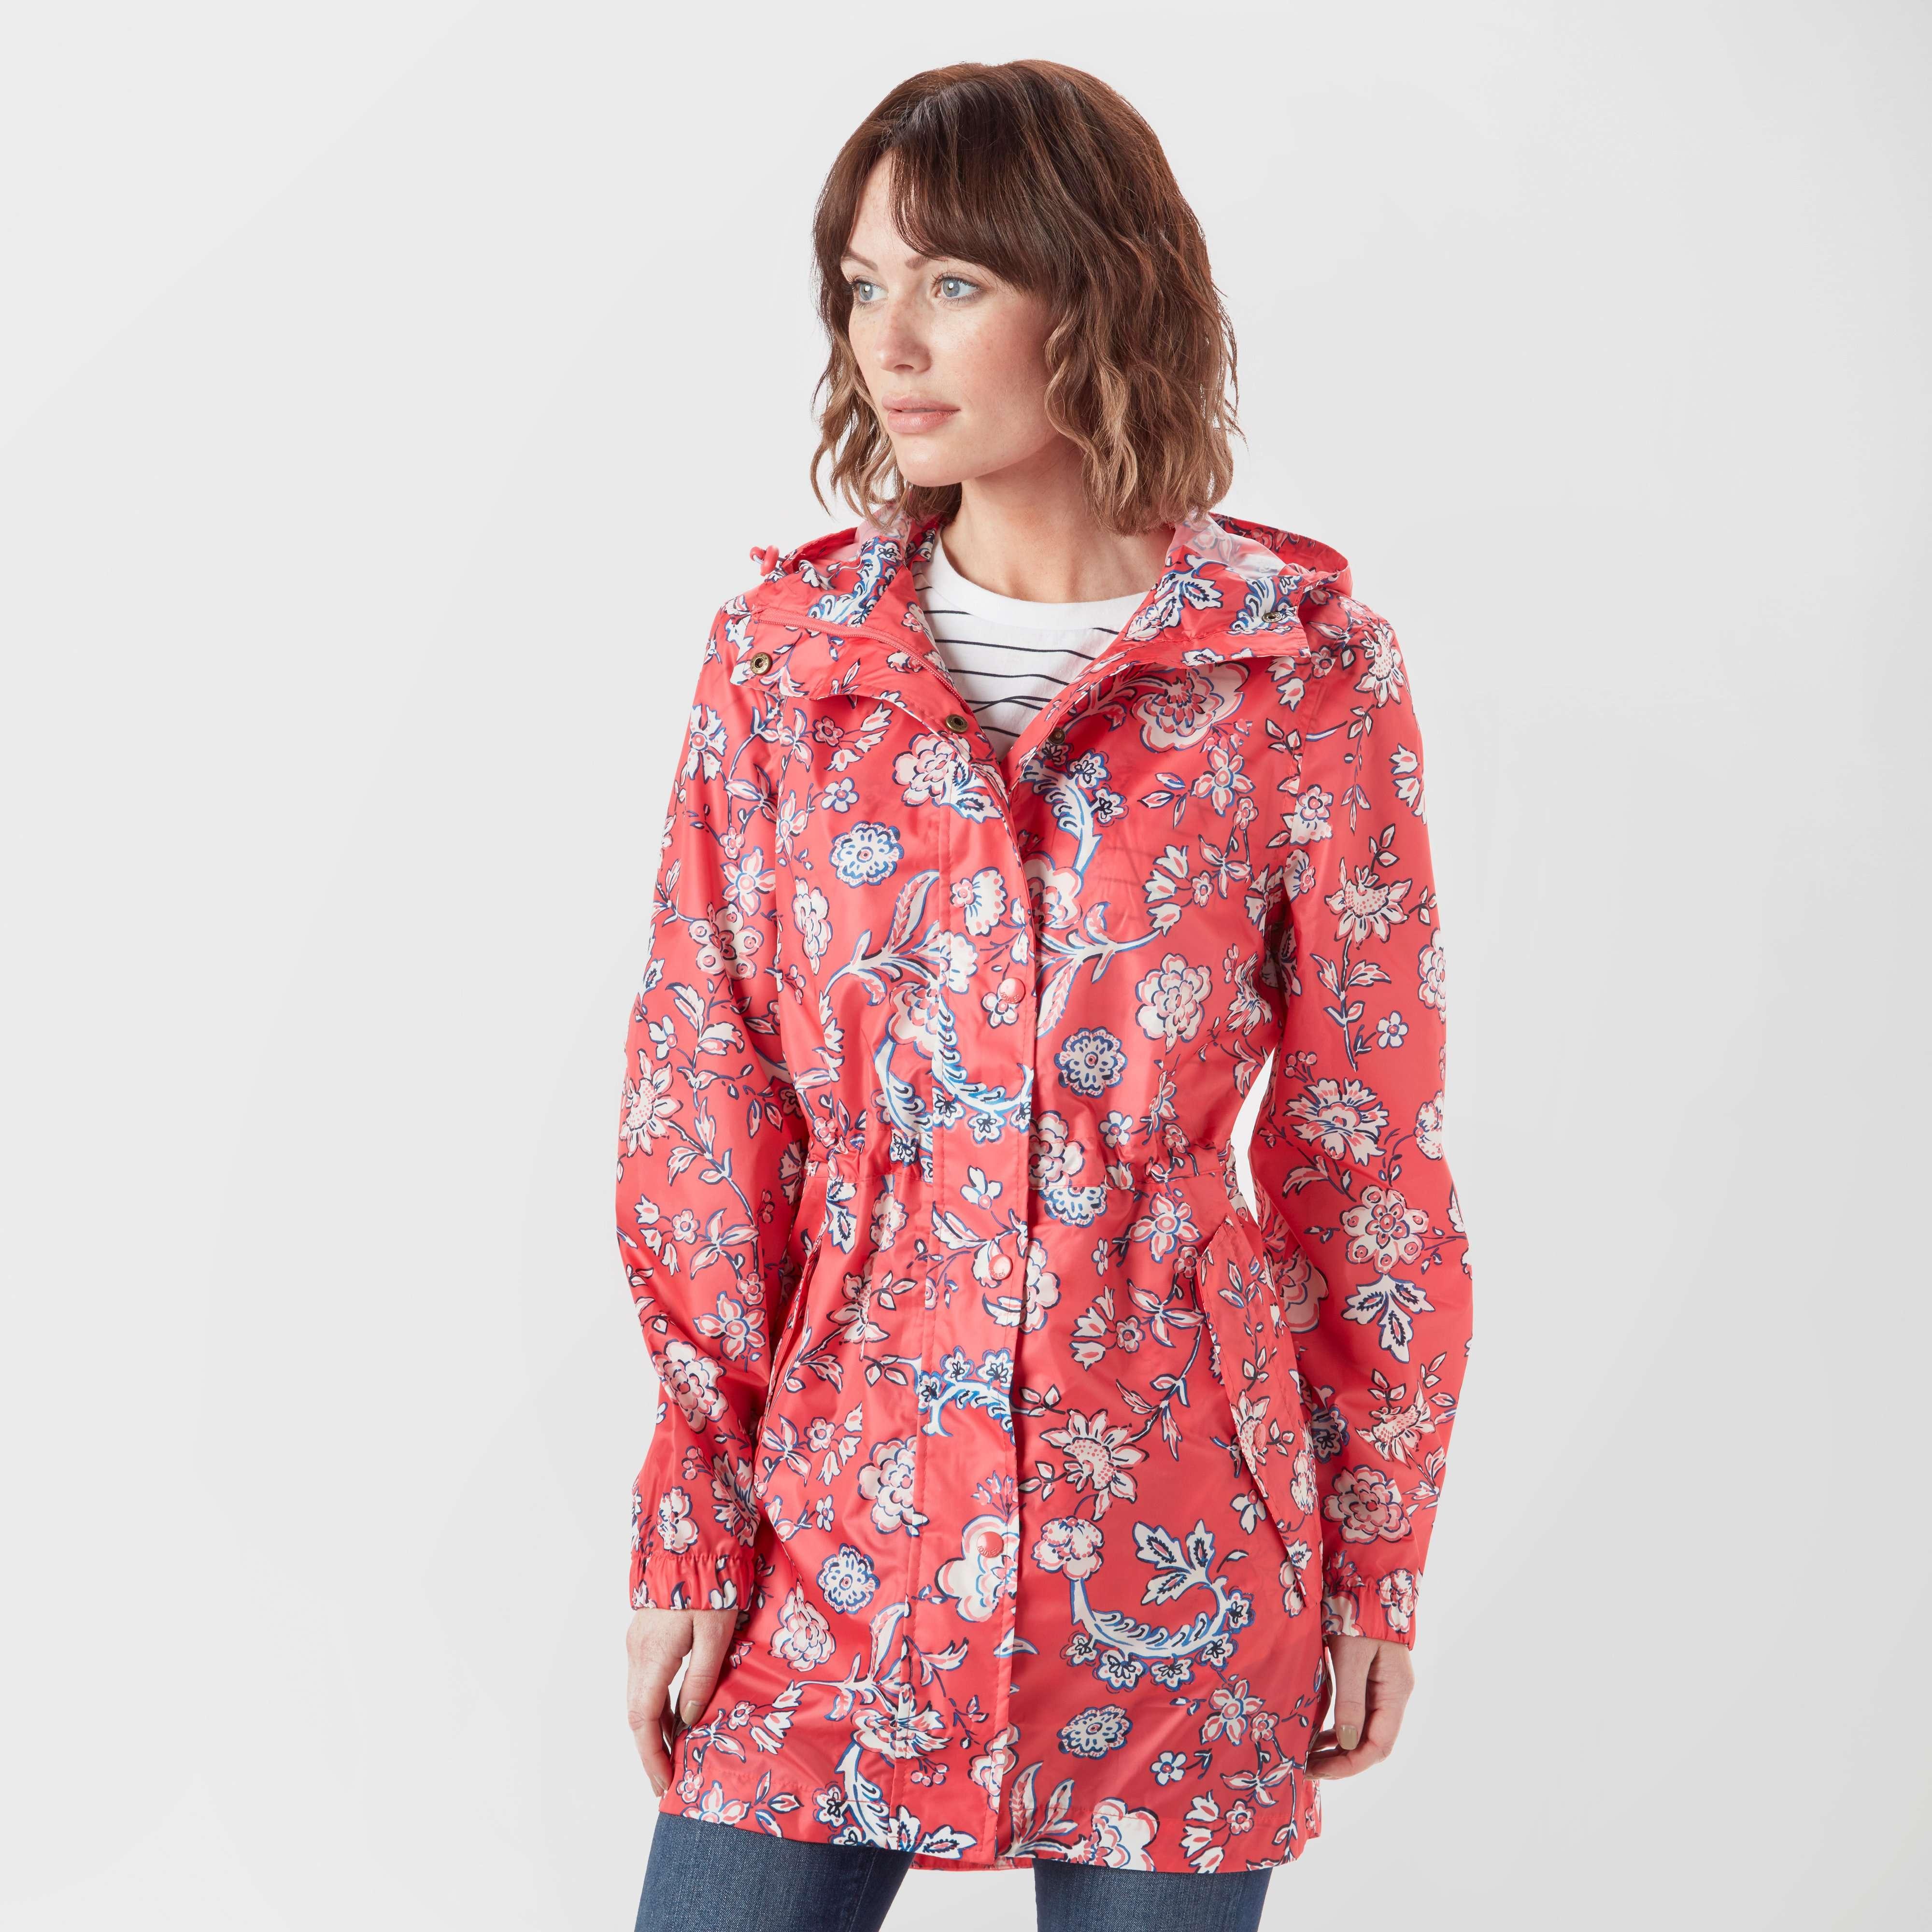 JOULES Women's GoLightly Packaway Jacket